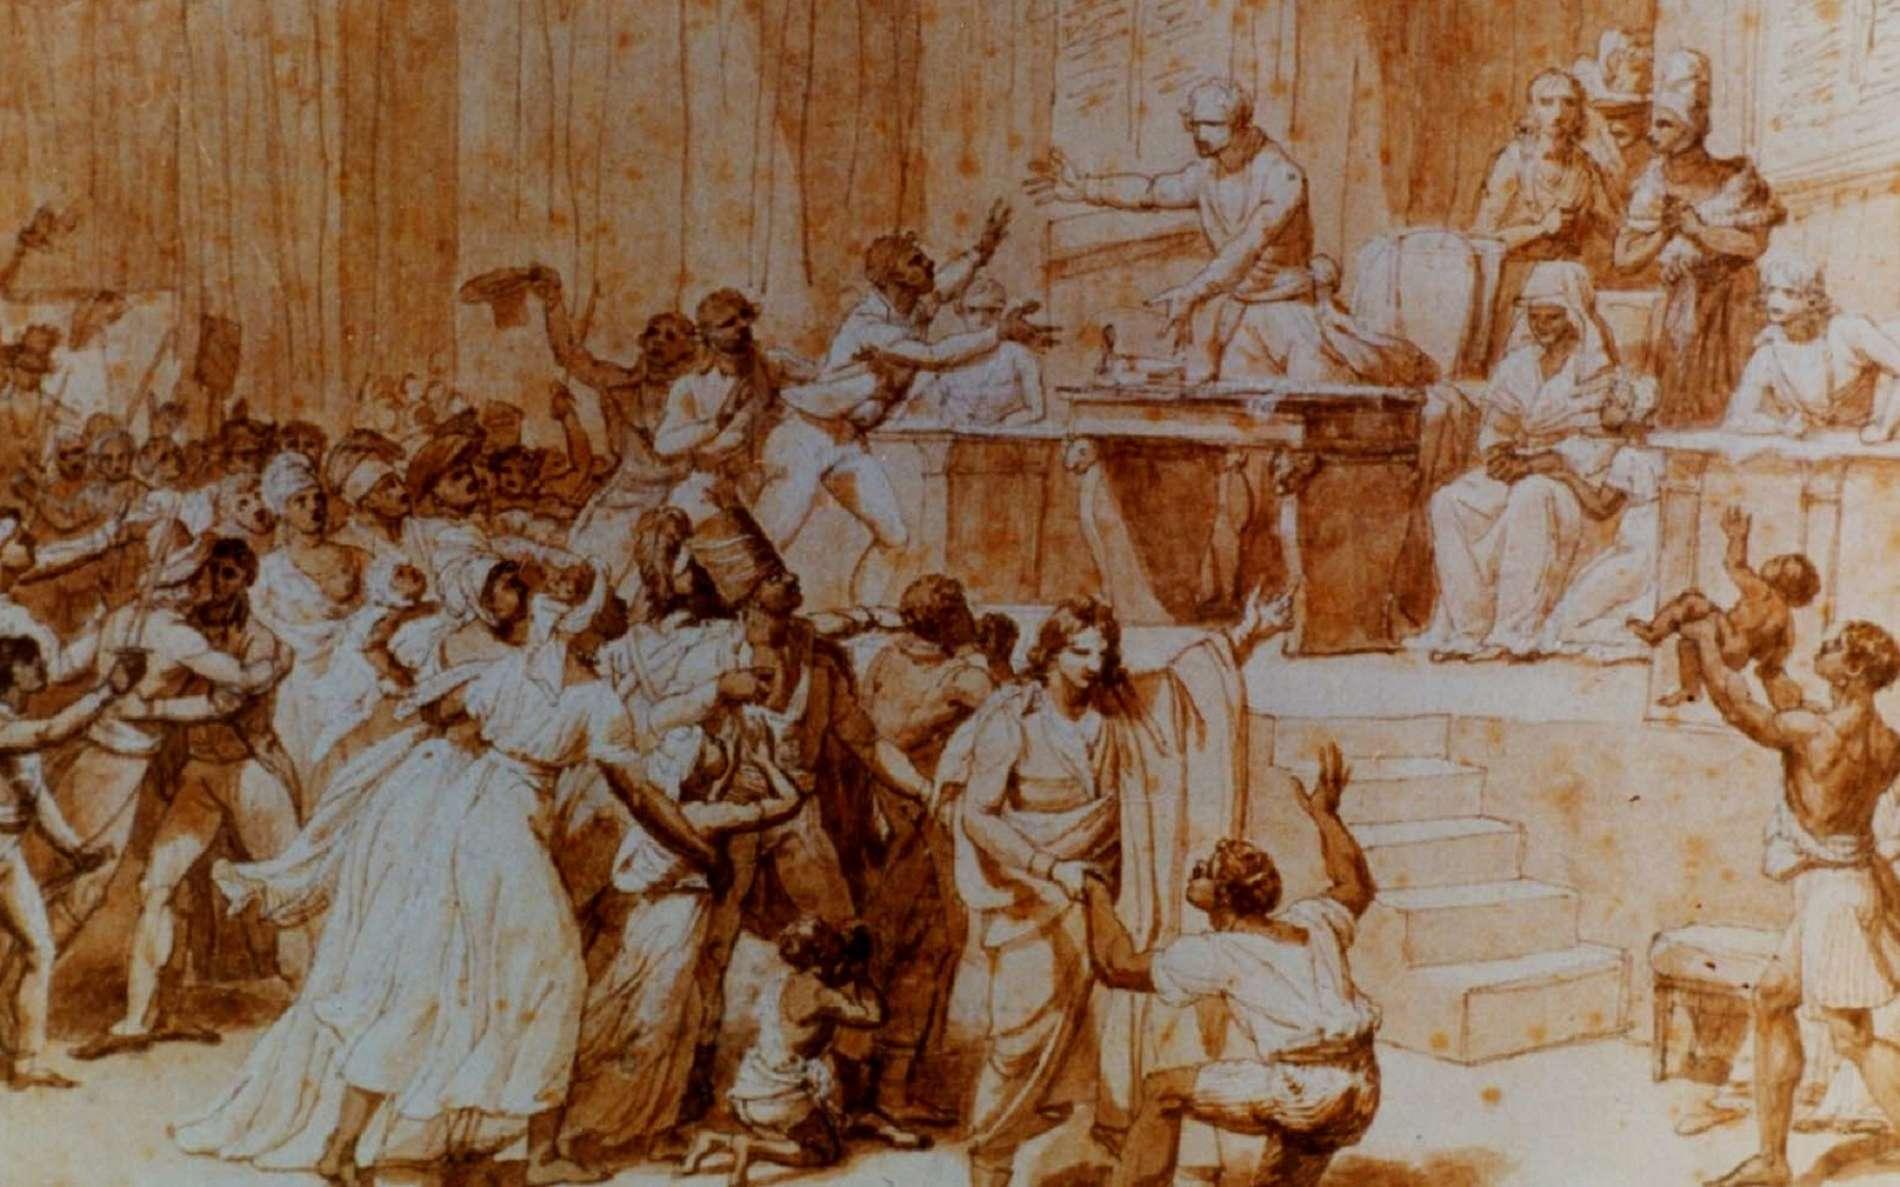 Tableau : « L'abolition de l'esclavage par la Convention nationale », le 16 pluviôse an II ou 4 février 1794, par Nicolas André Monsiau en 1794. Musée Carnavalet, Paris. © RMN-Grand Palais, Bulloz.